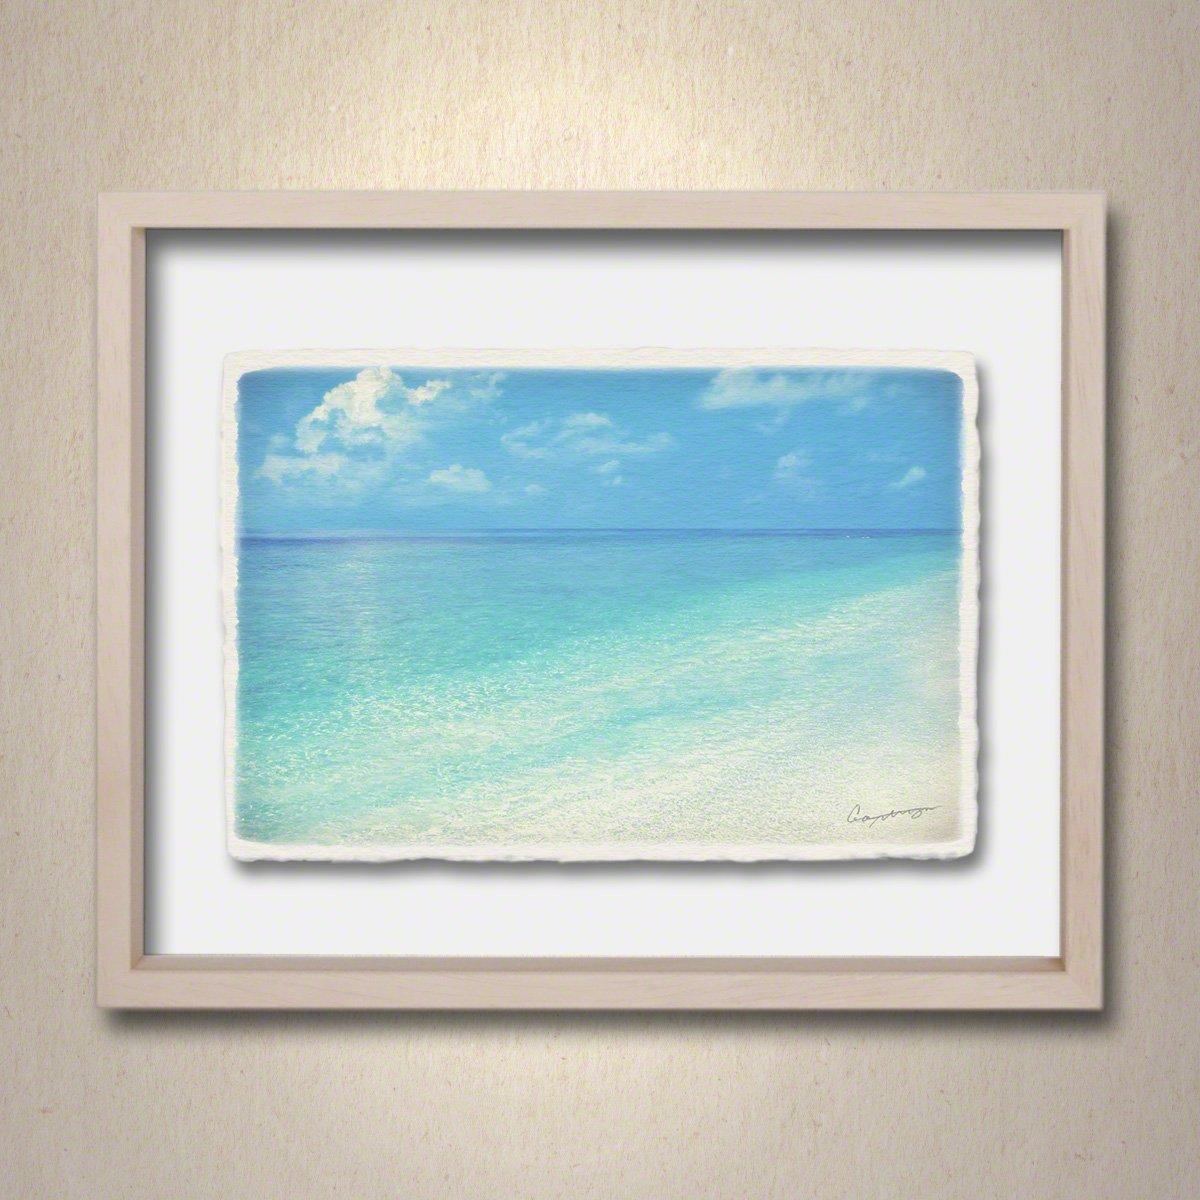 和紙 アートフレーム 「珊瑚礁の波打際」 (64x52cm) 海 絵 絵画 壁掛け 壁飾り 額縁 インテリア アート B074ZJR9TN 25.アートフレーム(長辺64cm) 120000円 珊瑚礁の波打際 珊瑚礁の波打際 25.アートフレーム(長辺64cm) 120000円